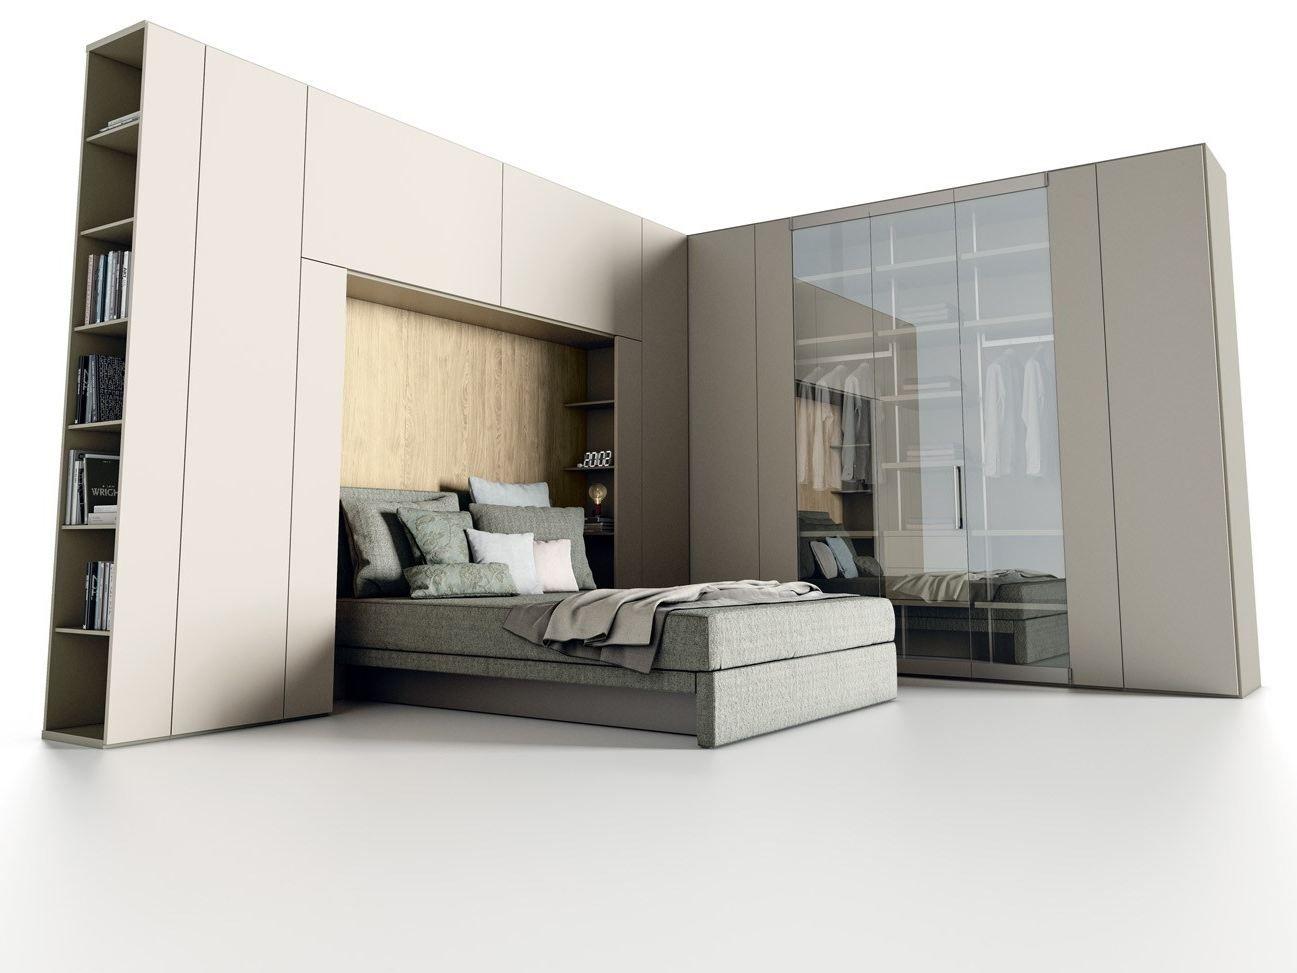 Camere Da Letto Caccaro.Roomy Armadio A Ponte By Caccaro Design Sandi Renko Camera Da